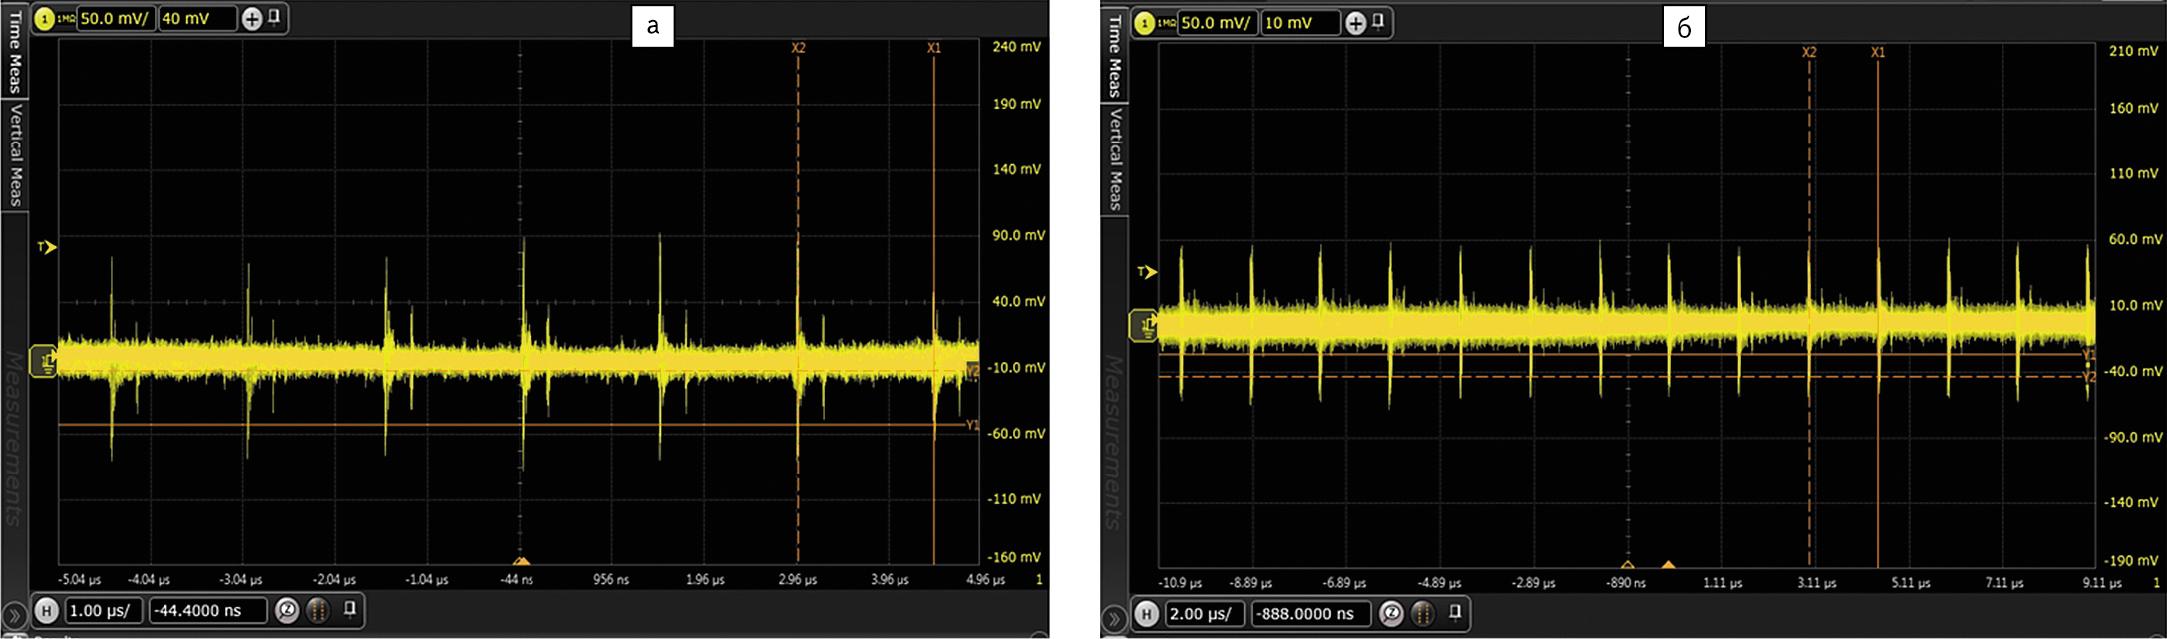 Переменная составляющая базового преобразователя с LC-фильтром